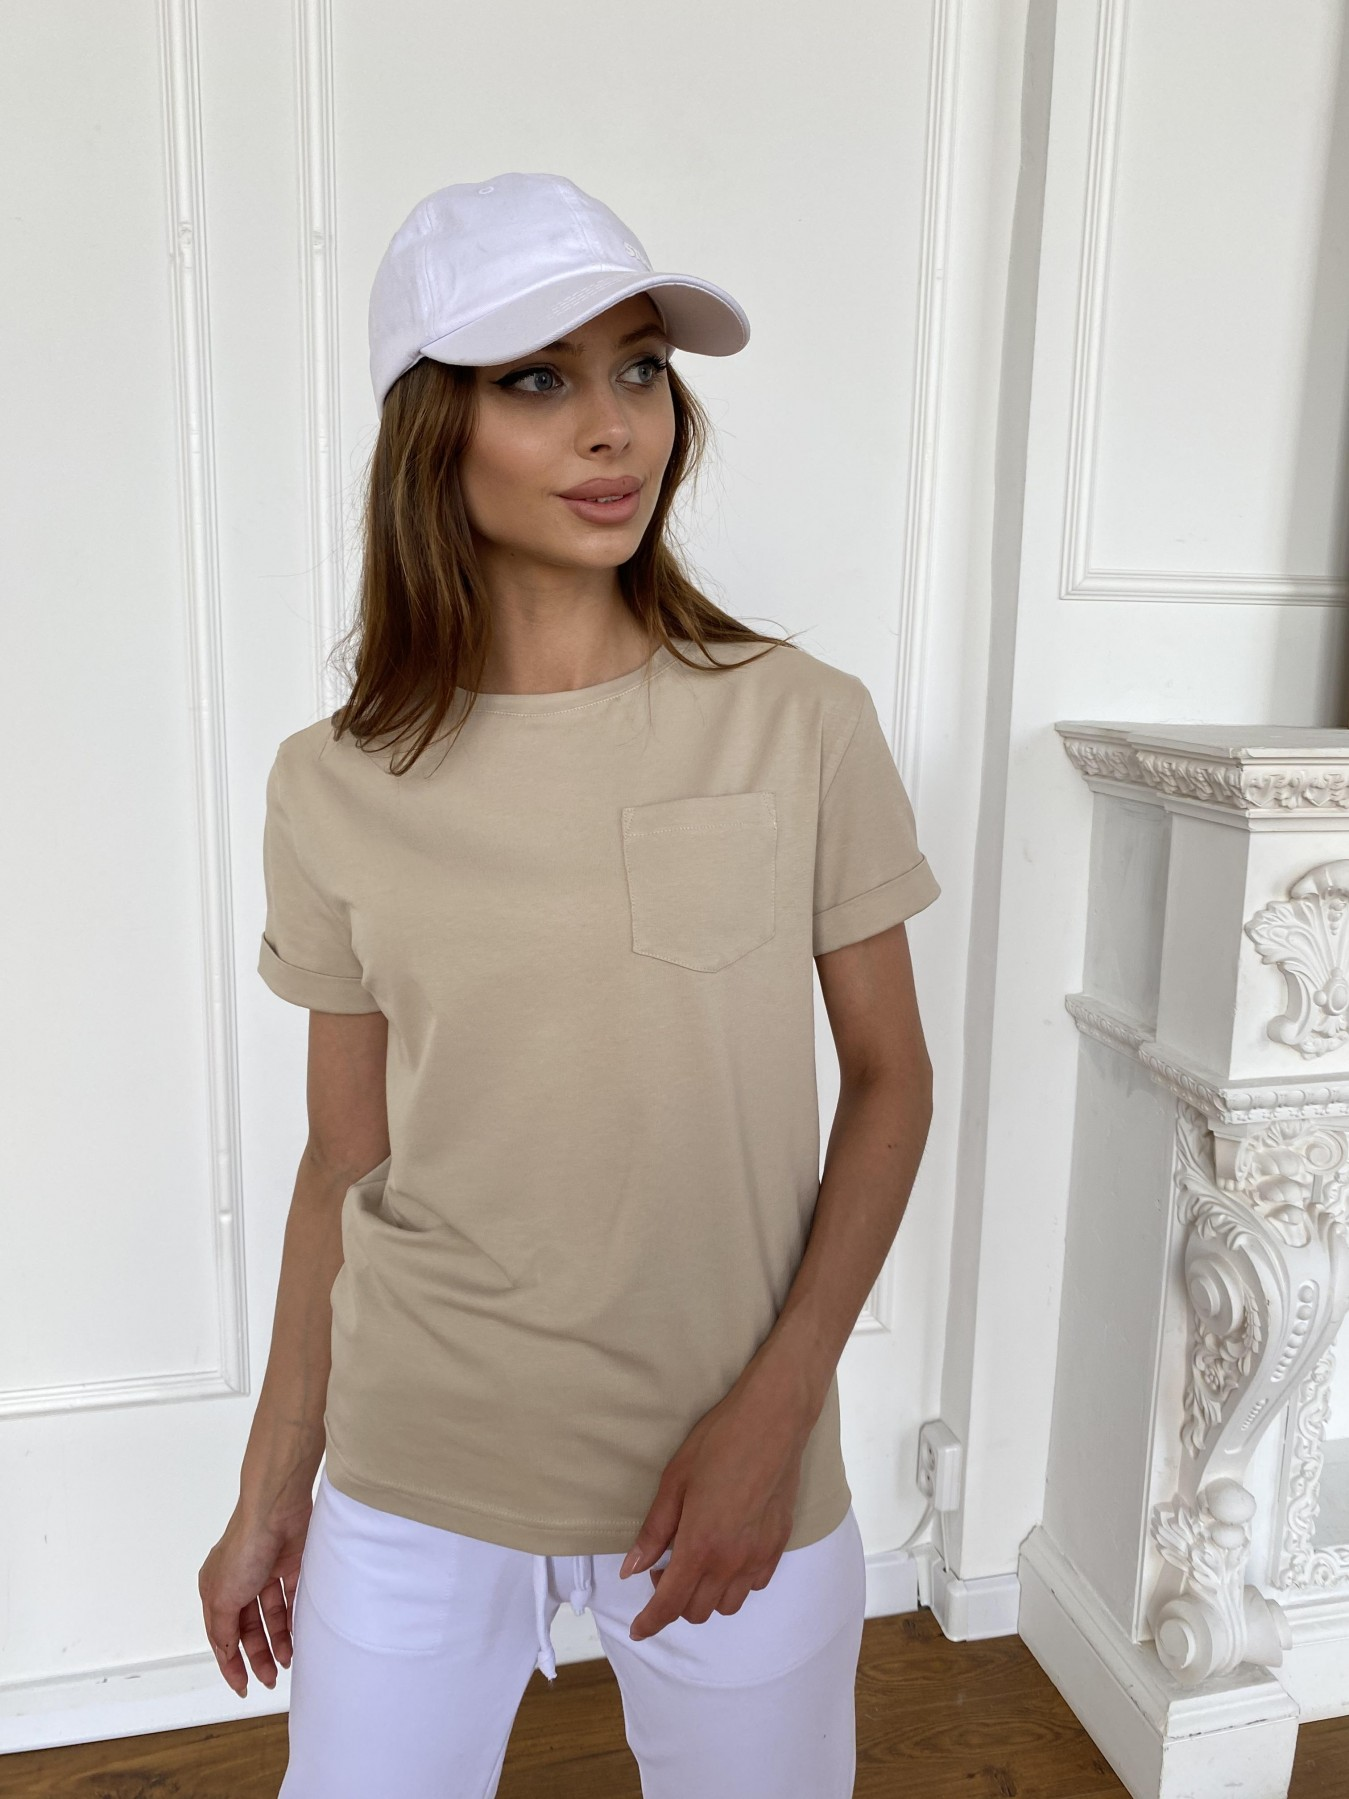 Вуди футболка из вискозы 11224 АРТ. 47877 Цвет: Бежевый - фото 1, интернет магазин tm-modus.ru